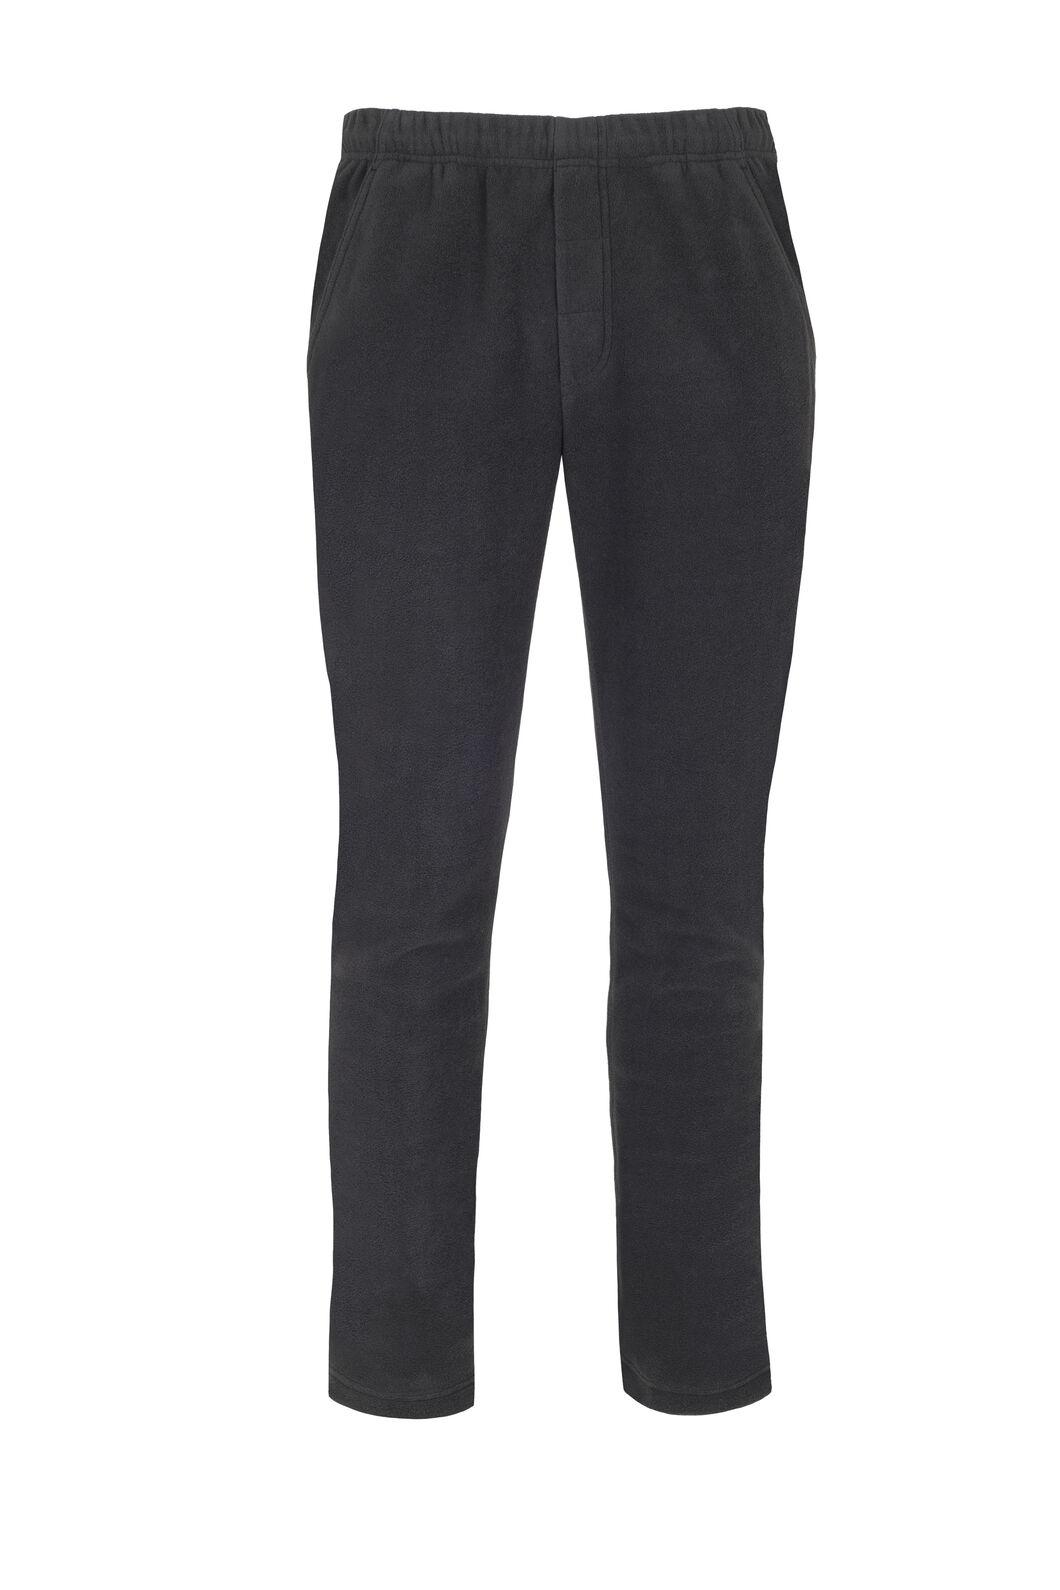 Macpac Kea Polartec® Micro Fleece® Pants — Men's, Black, hi-res